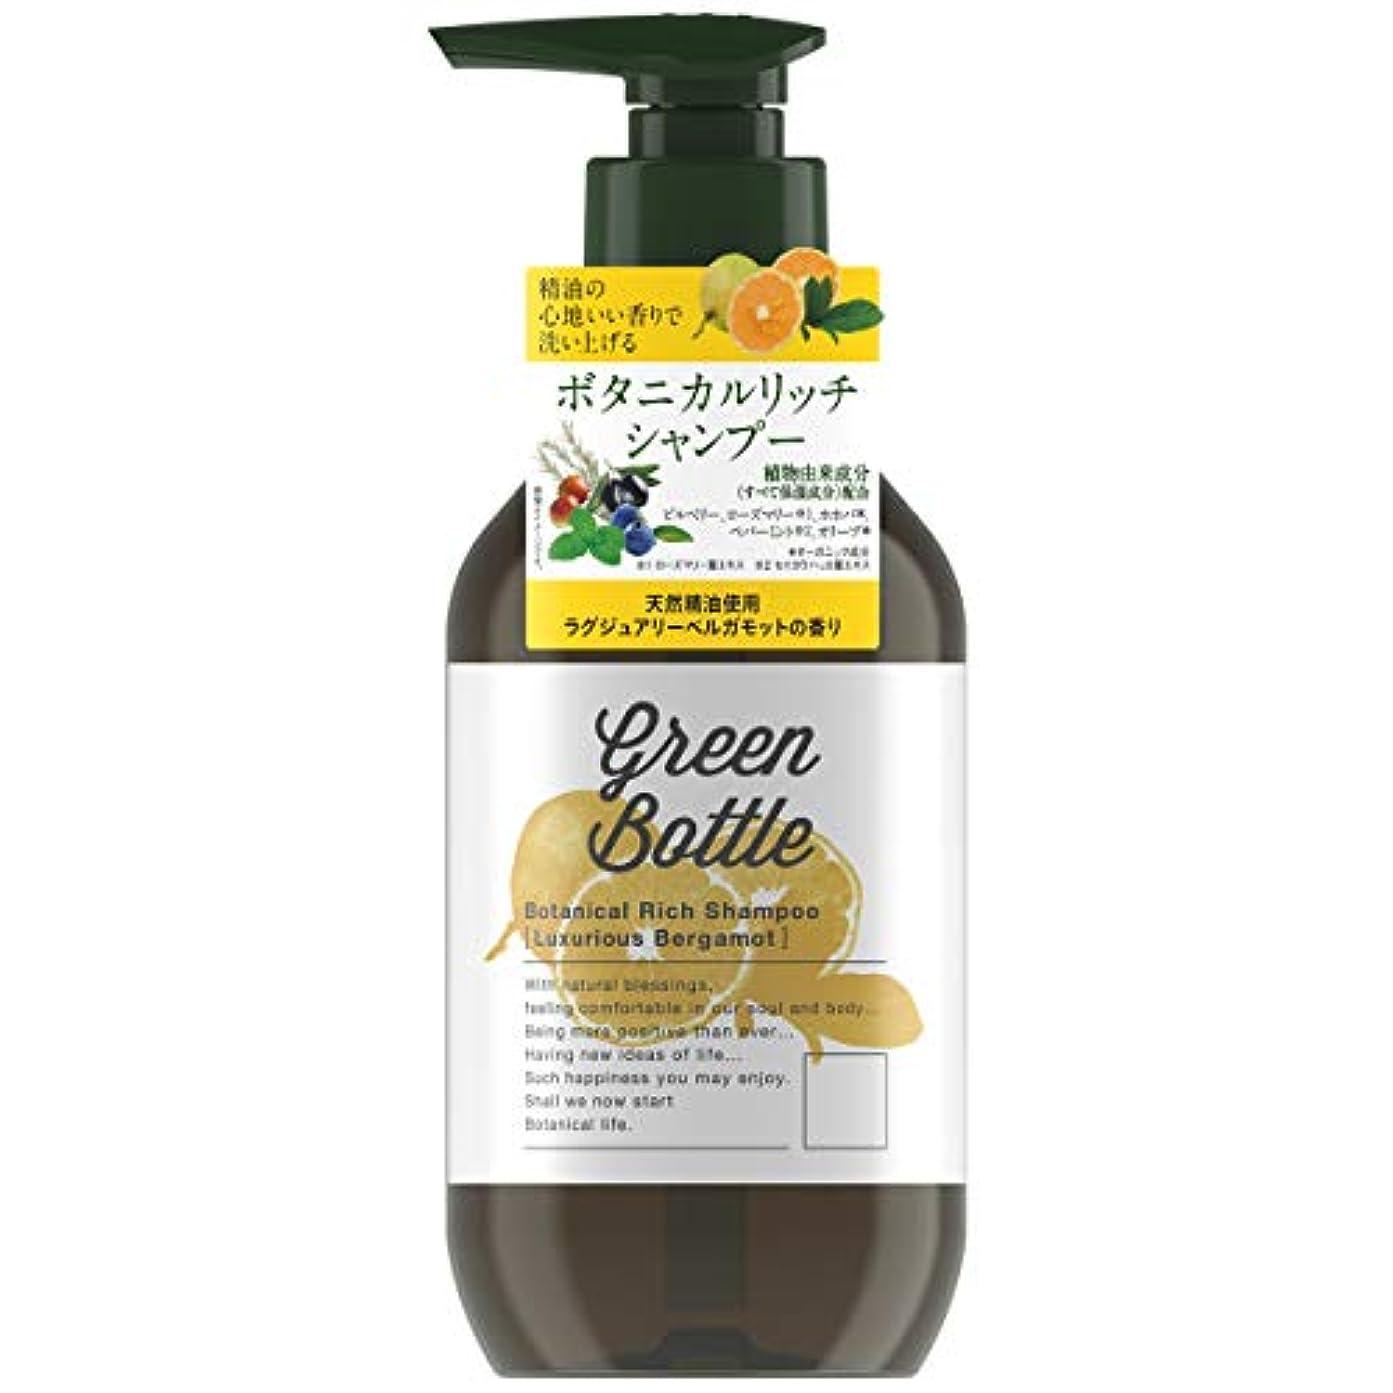 海どこにでも投げ捨てるグリーンボトルボタニカルリッチシャンプー(ラグジュアリーベルガモットの香り) 490ml